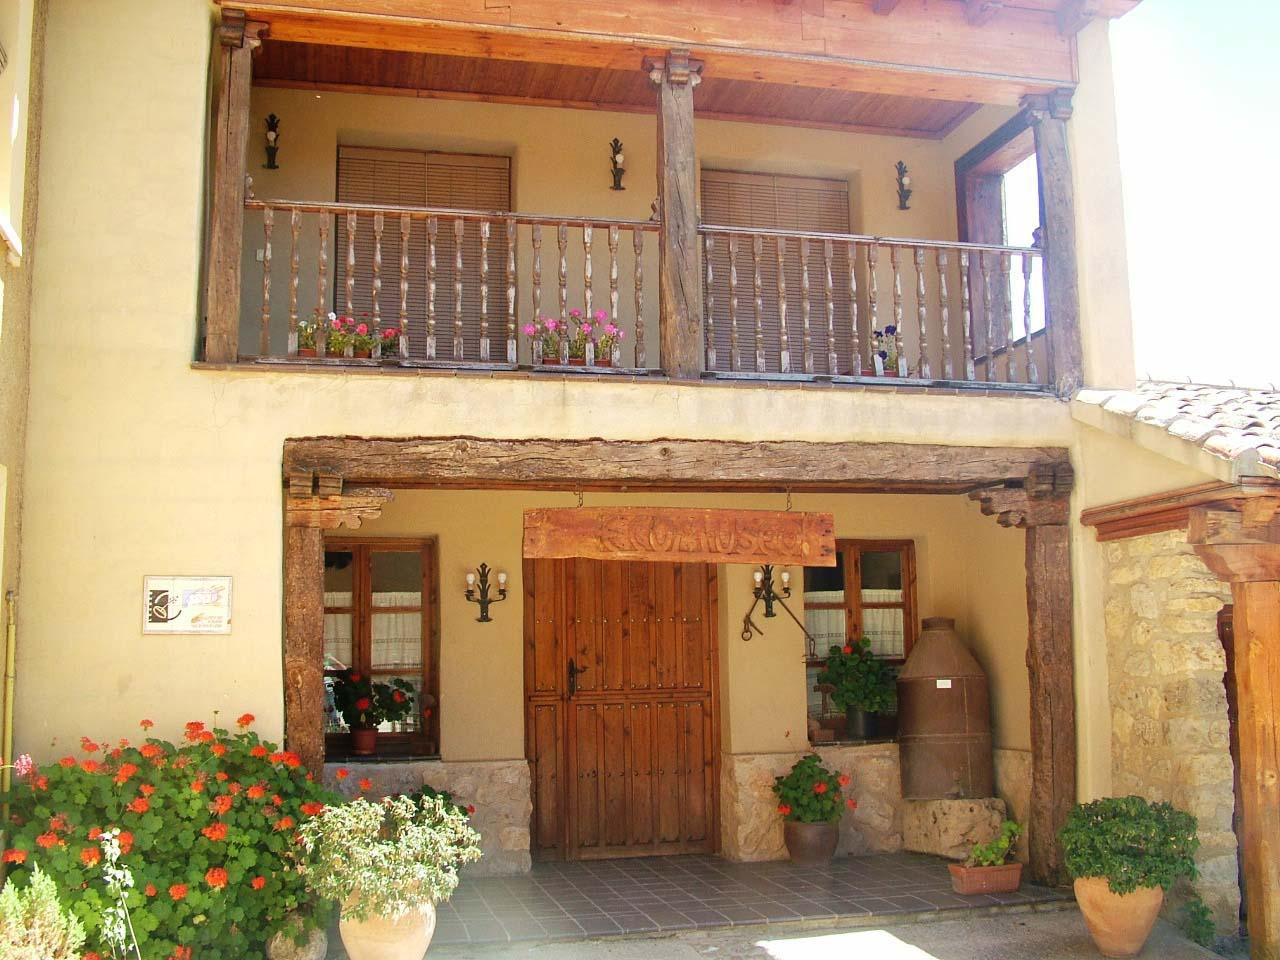 Hotel Rural Don Agustín, casa rural por habitaciones en Tordehumos, Tierra de Campos, Valladolid.